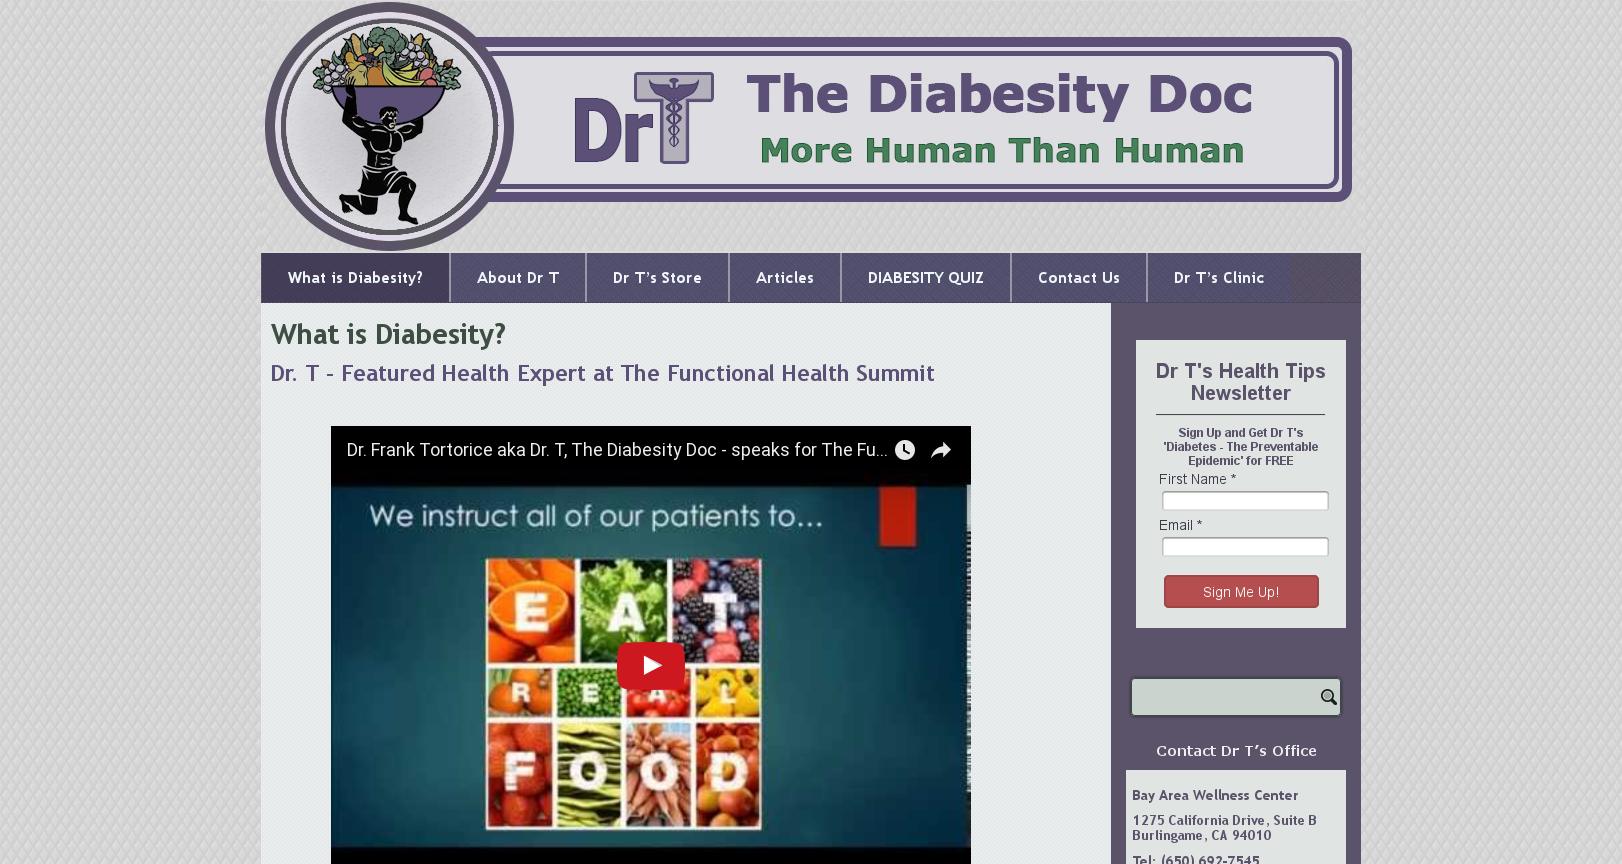 Diabesity Doc